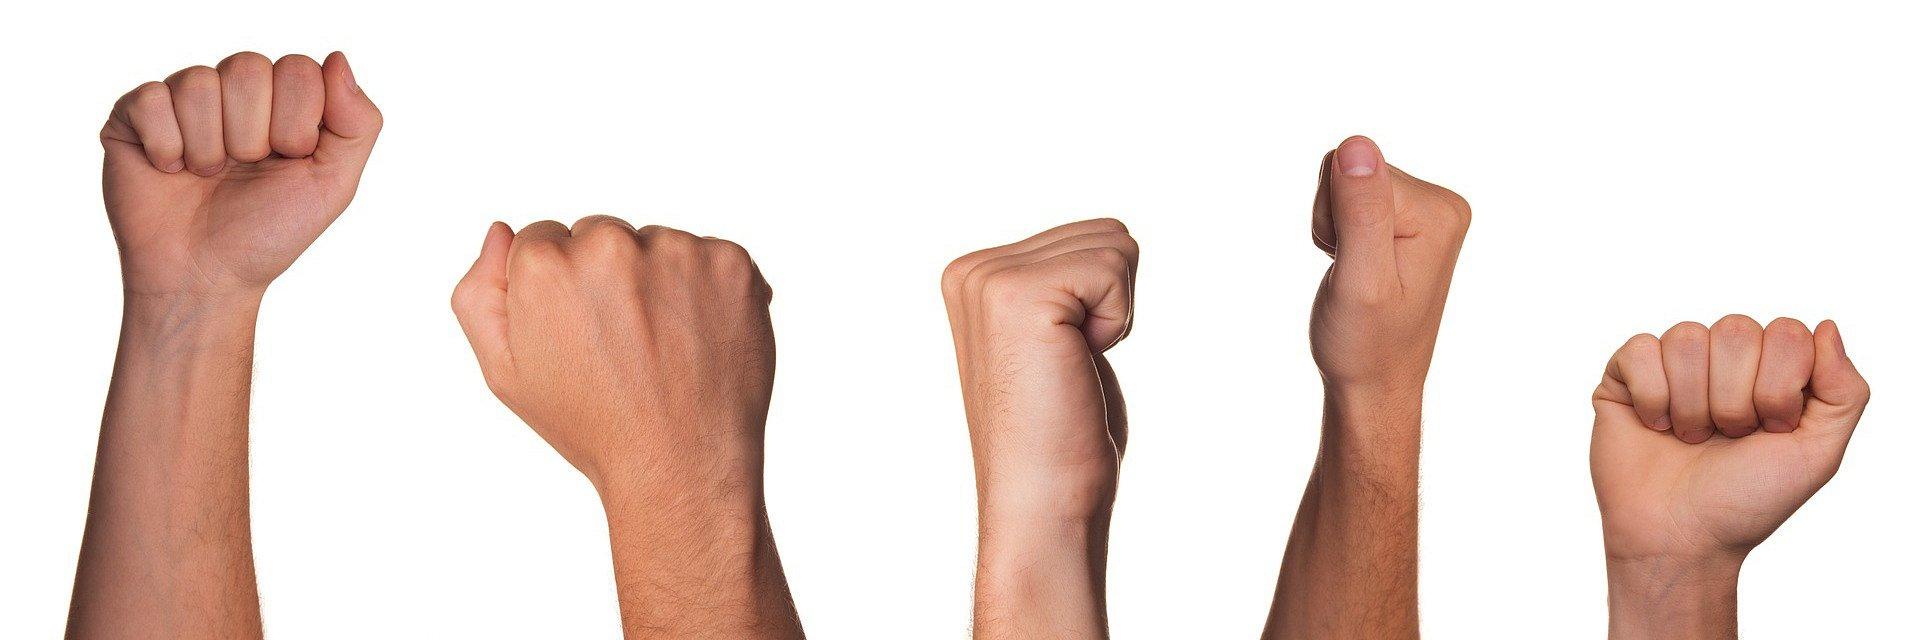 ZZTF RP zapowiada protest w obronie uprawnień techników farmaceutycznych